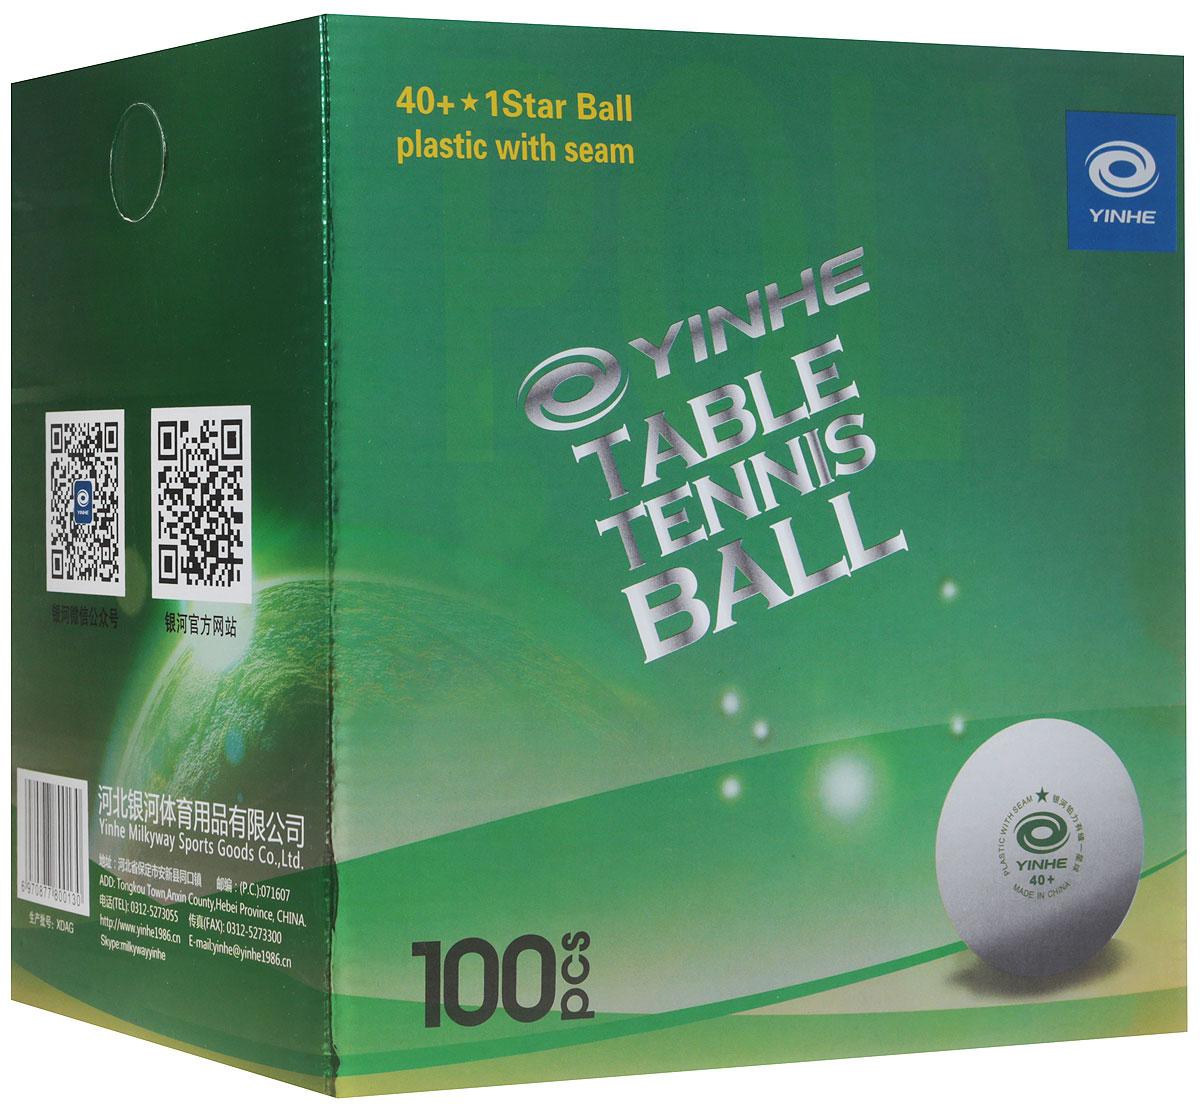 Шарики для пинг-понга Yinhe Training AB 40+, цвет: белый, 100 шт9995-GМячи пластиковые ABS YINHE 40+ 1* Training 100 шт. в кор.Уровень подготовки: для прогрессирующих